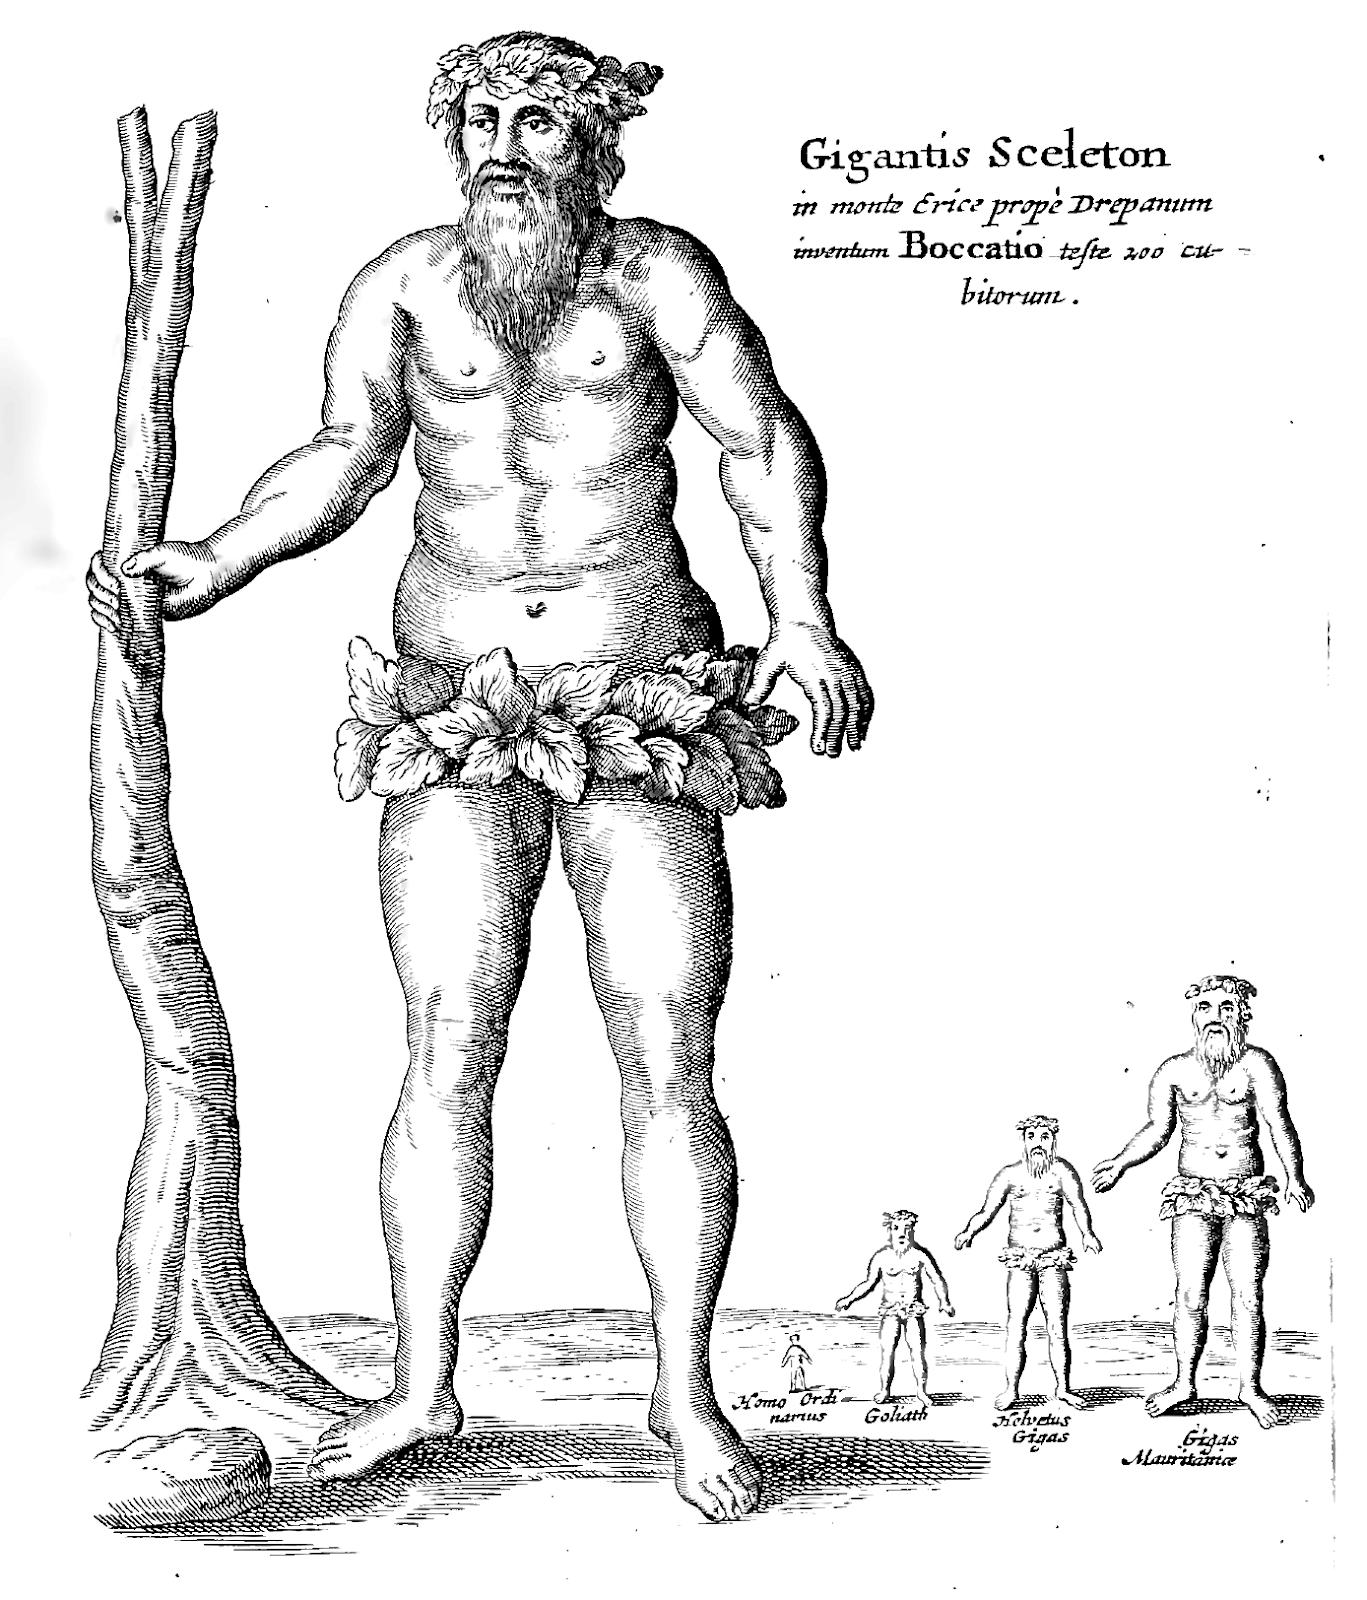 велоспорт картинки древних людей гигантов нас